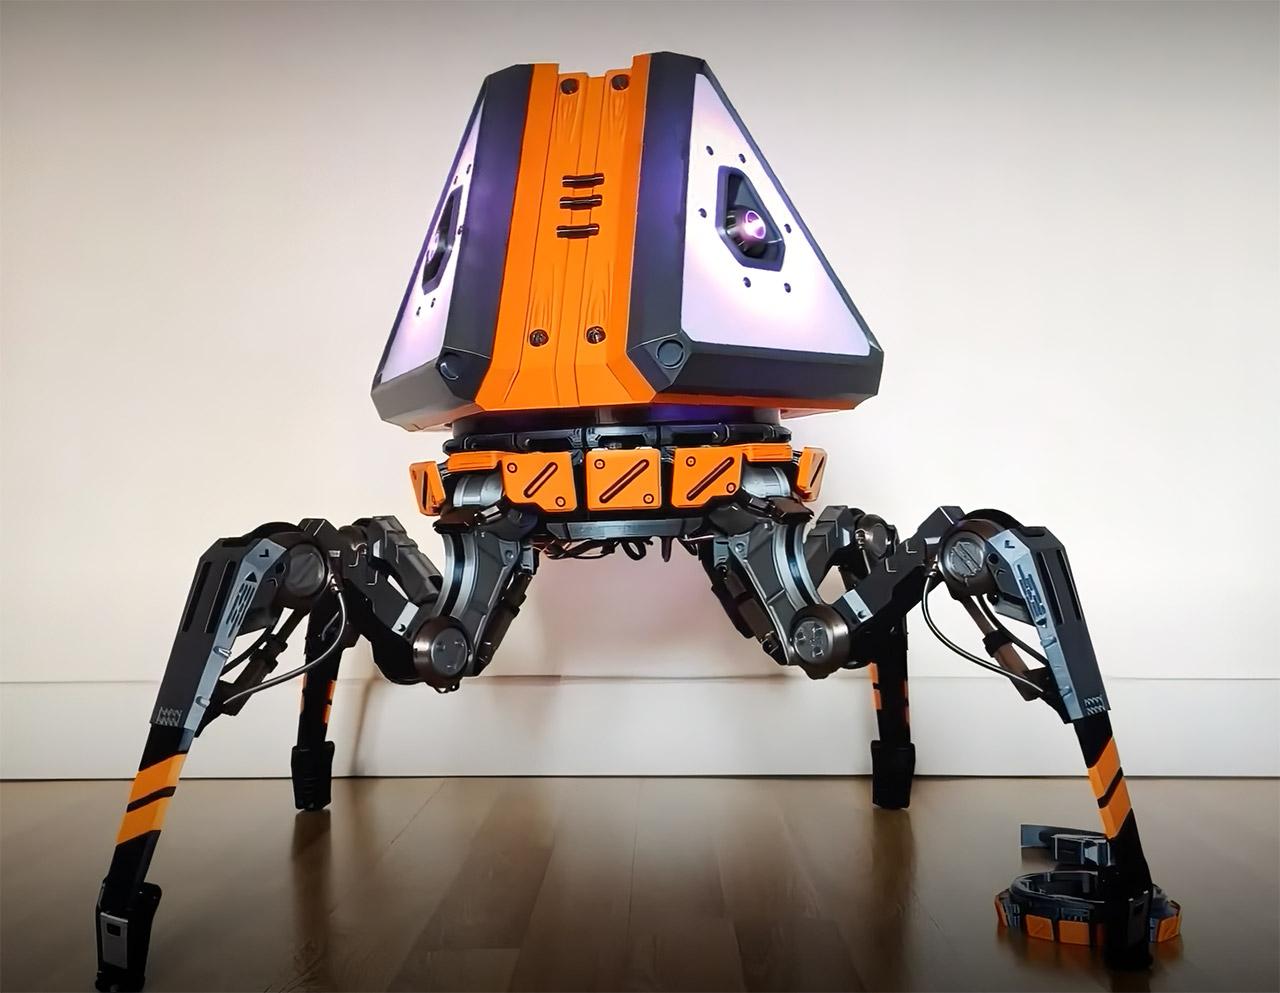 Engineer Apex Legends Loot Box Tick Robot